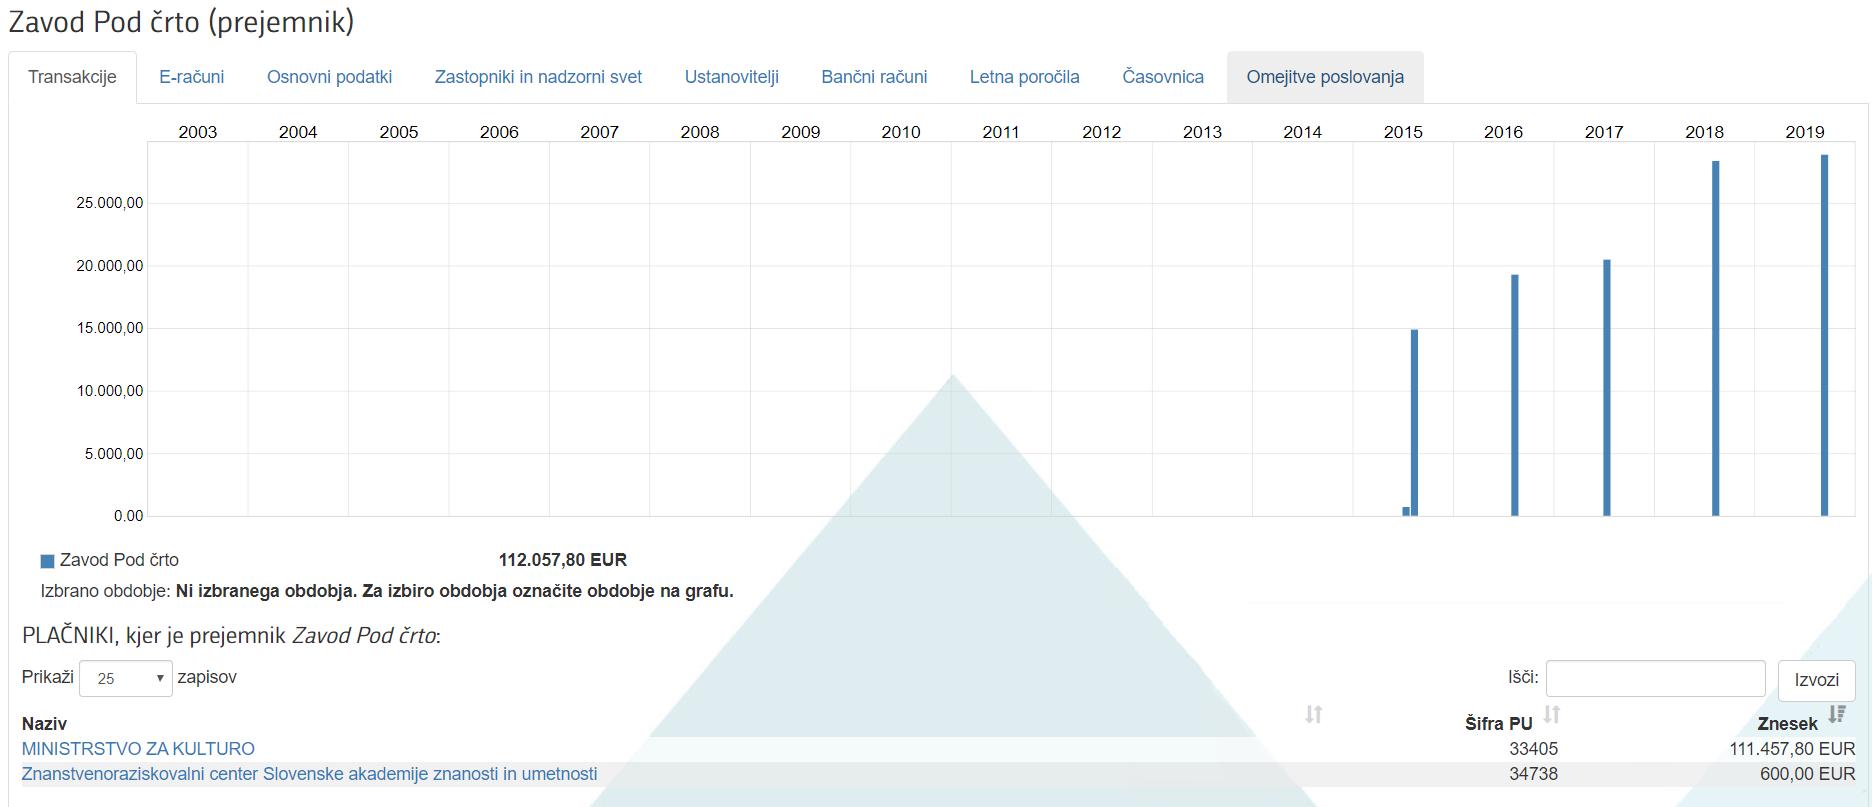 Portal Podčrto je dobil od leta 2014 pa do 2019 112.057,80 EUR. Odličen znesek za 12 tisoč obiskovalcev spletne strani na mesec. (Foto: ERAR)